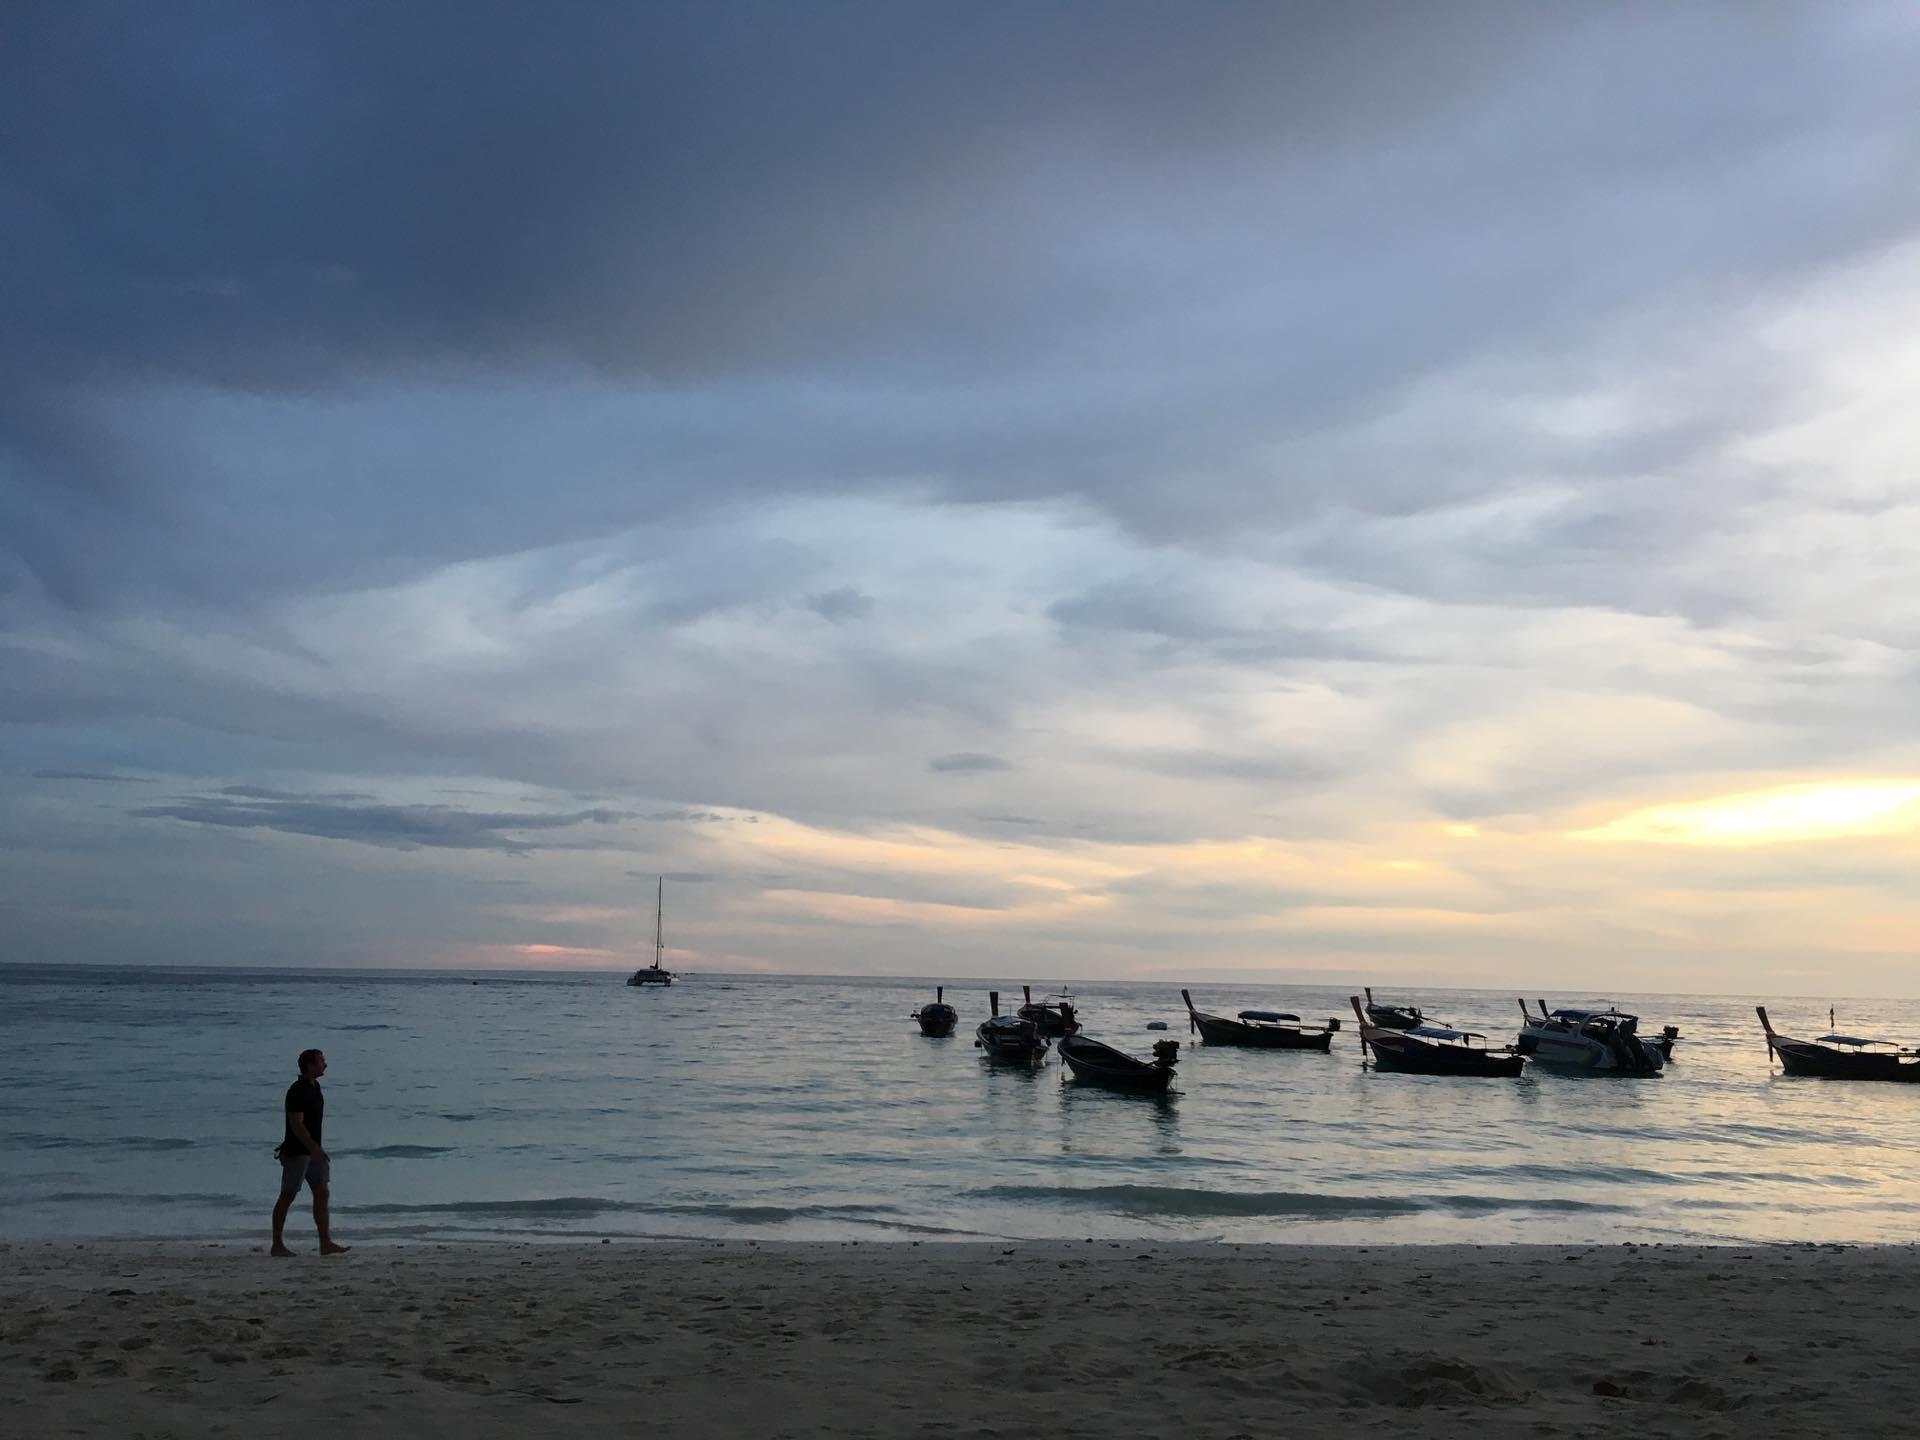 リペ島旅行 – Nov/2016 – Day 5